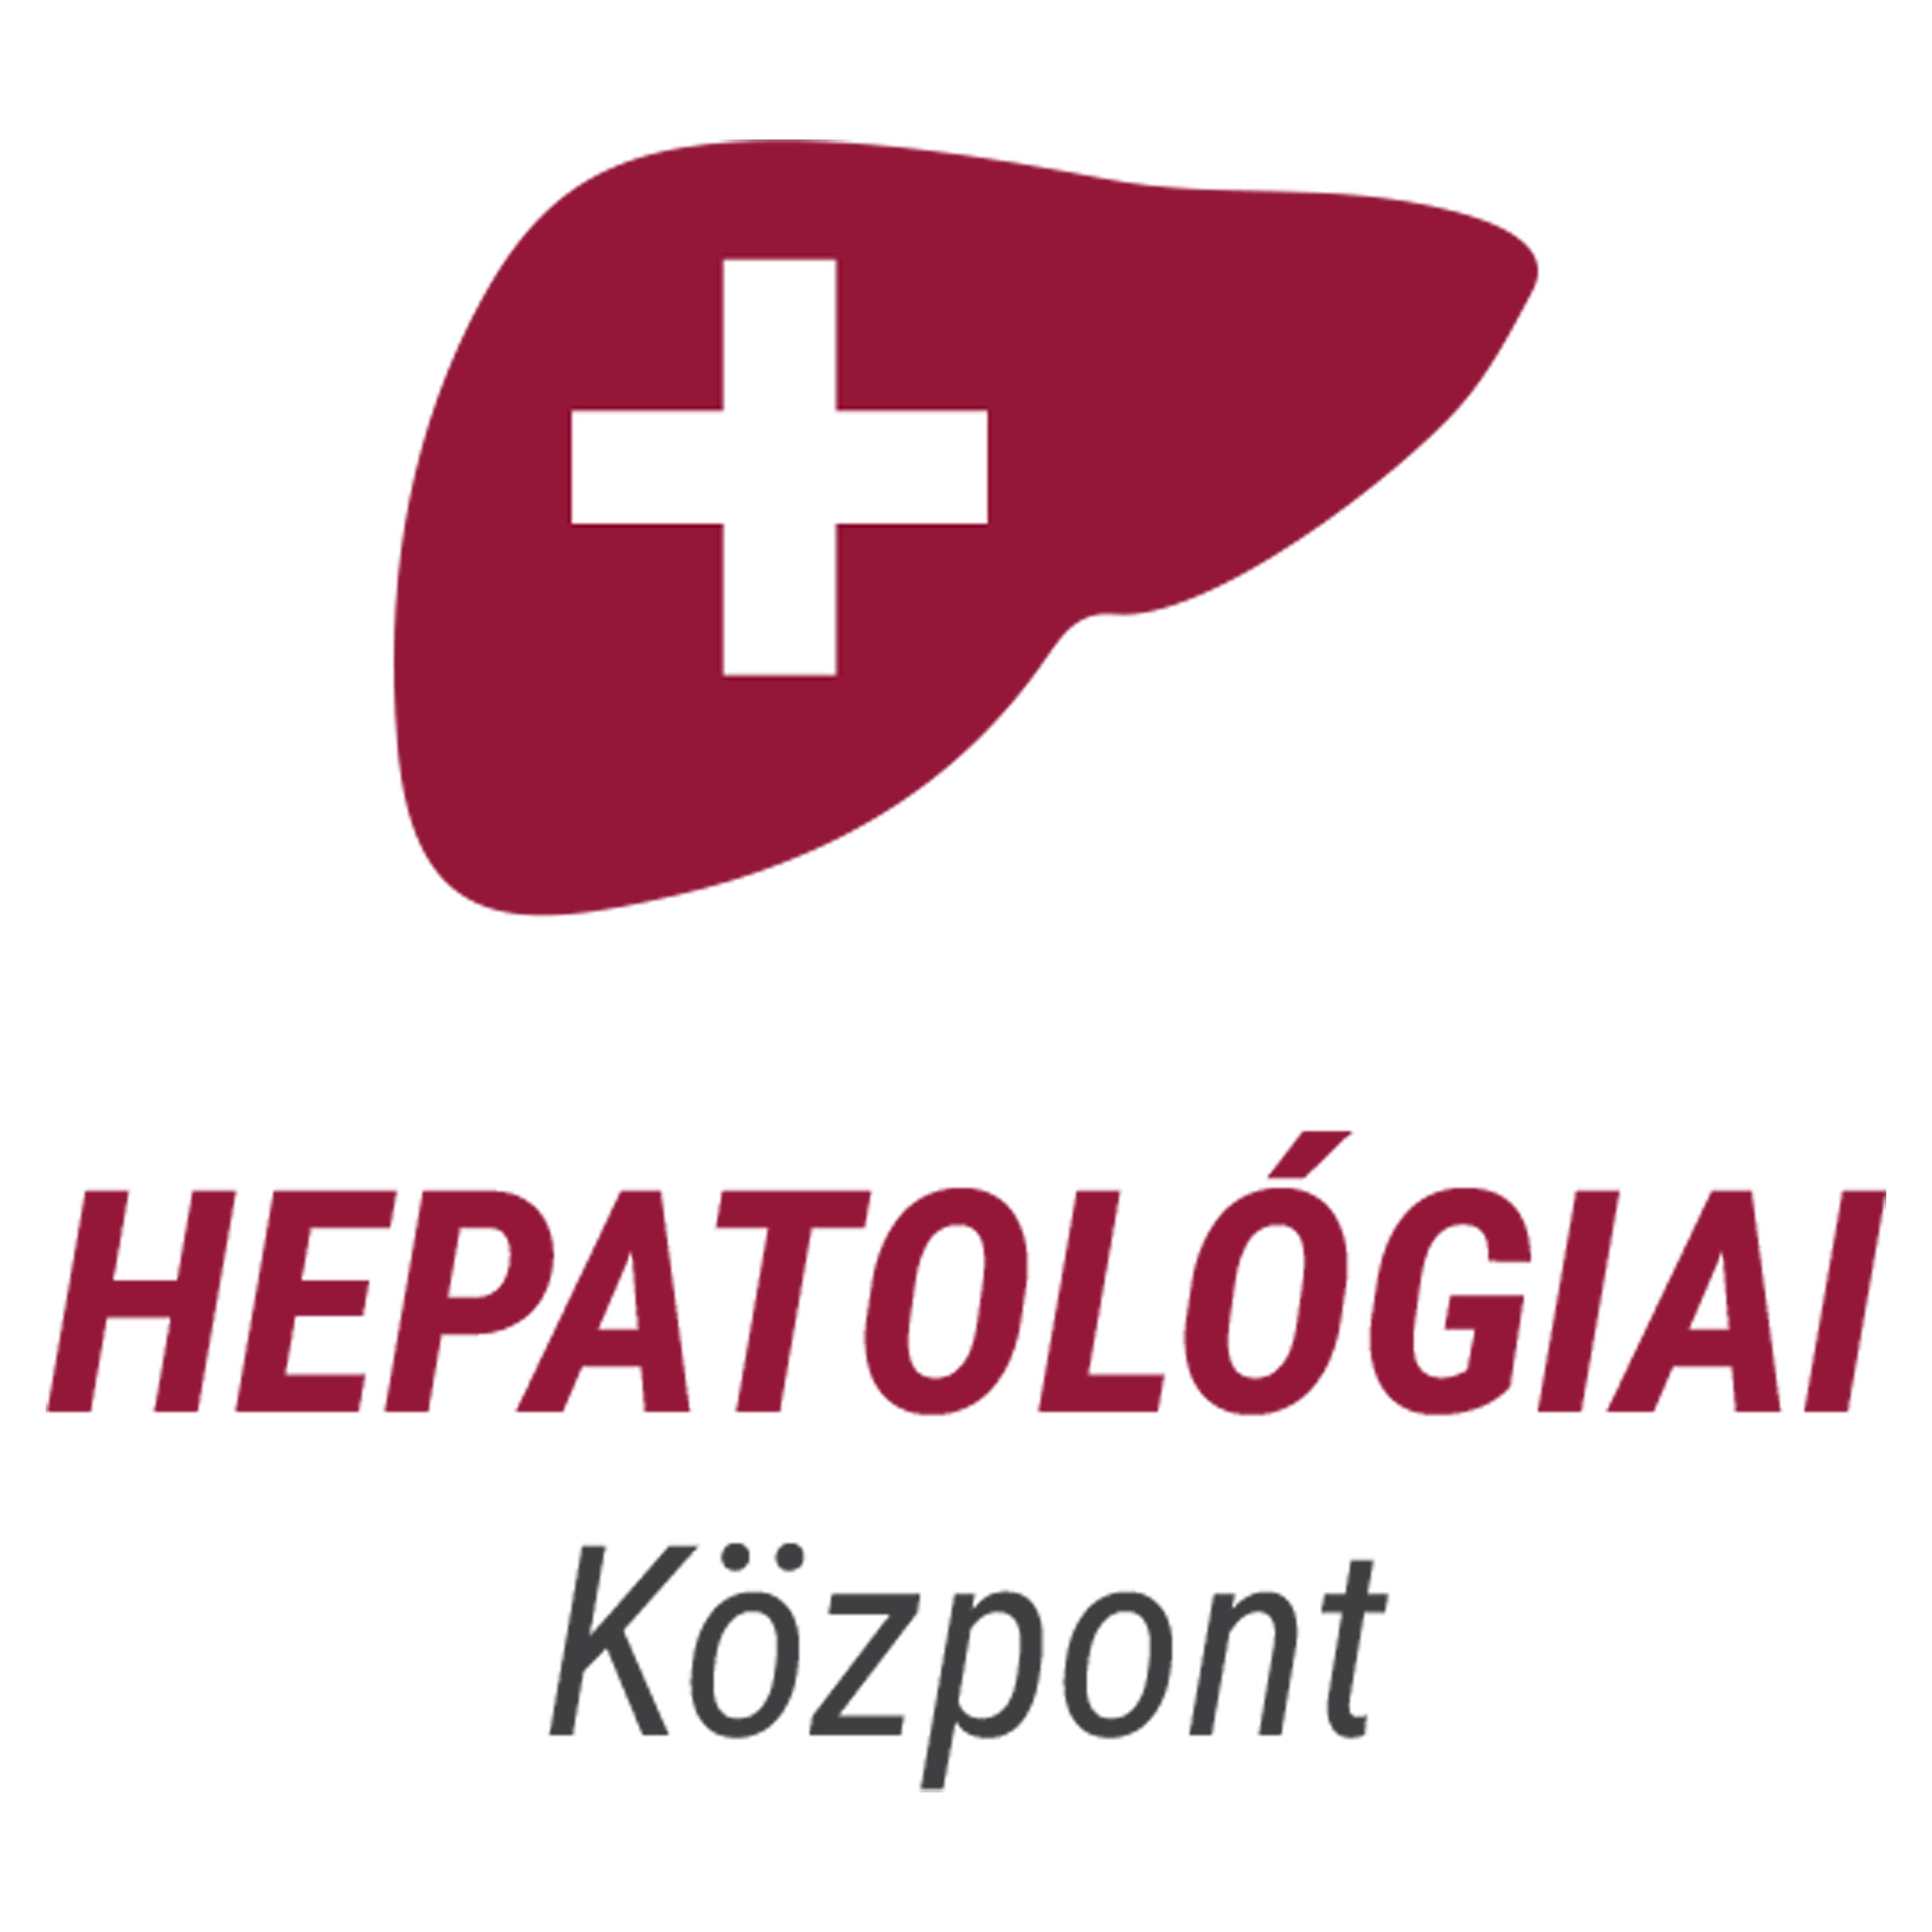 Hepatológiai Központ